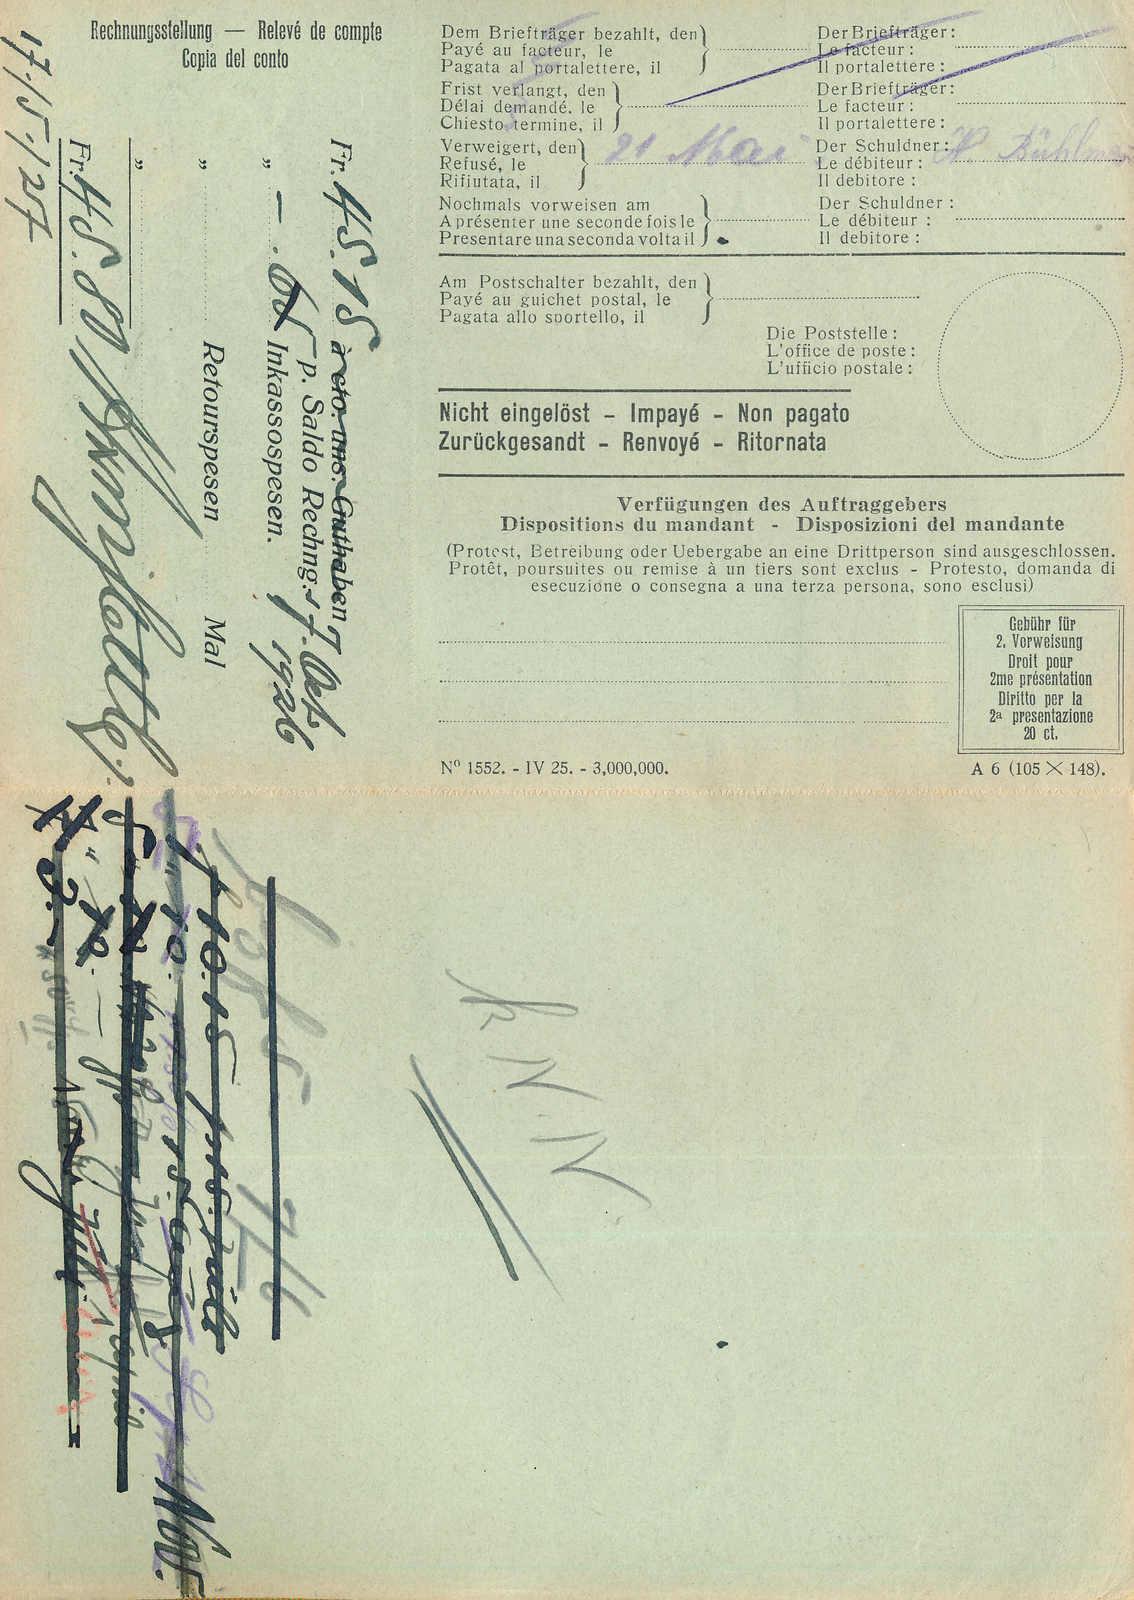 Lot 12 - kanton bern  -  MH Marken GmbH Auktion 118